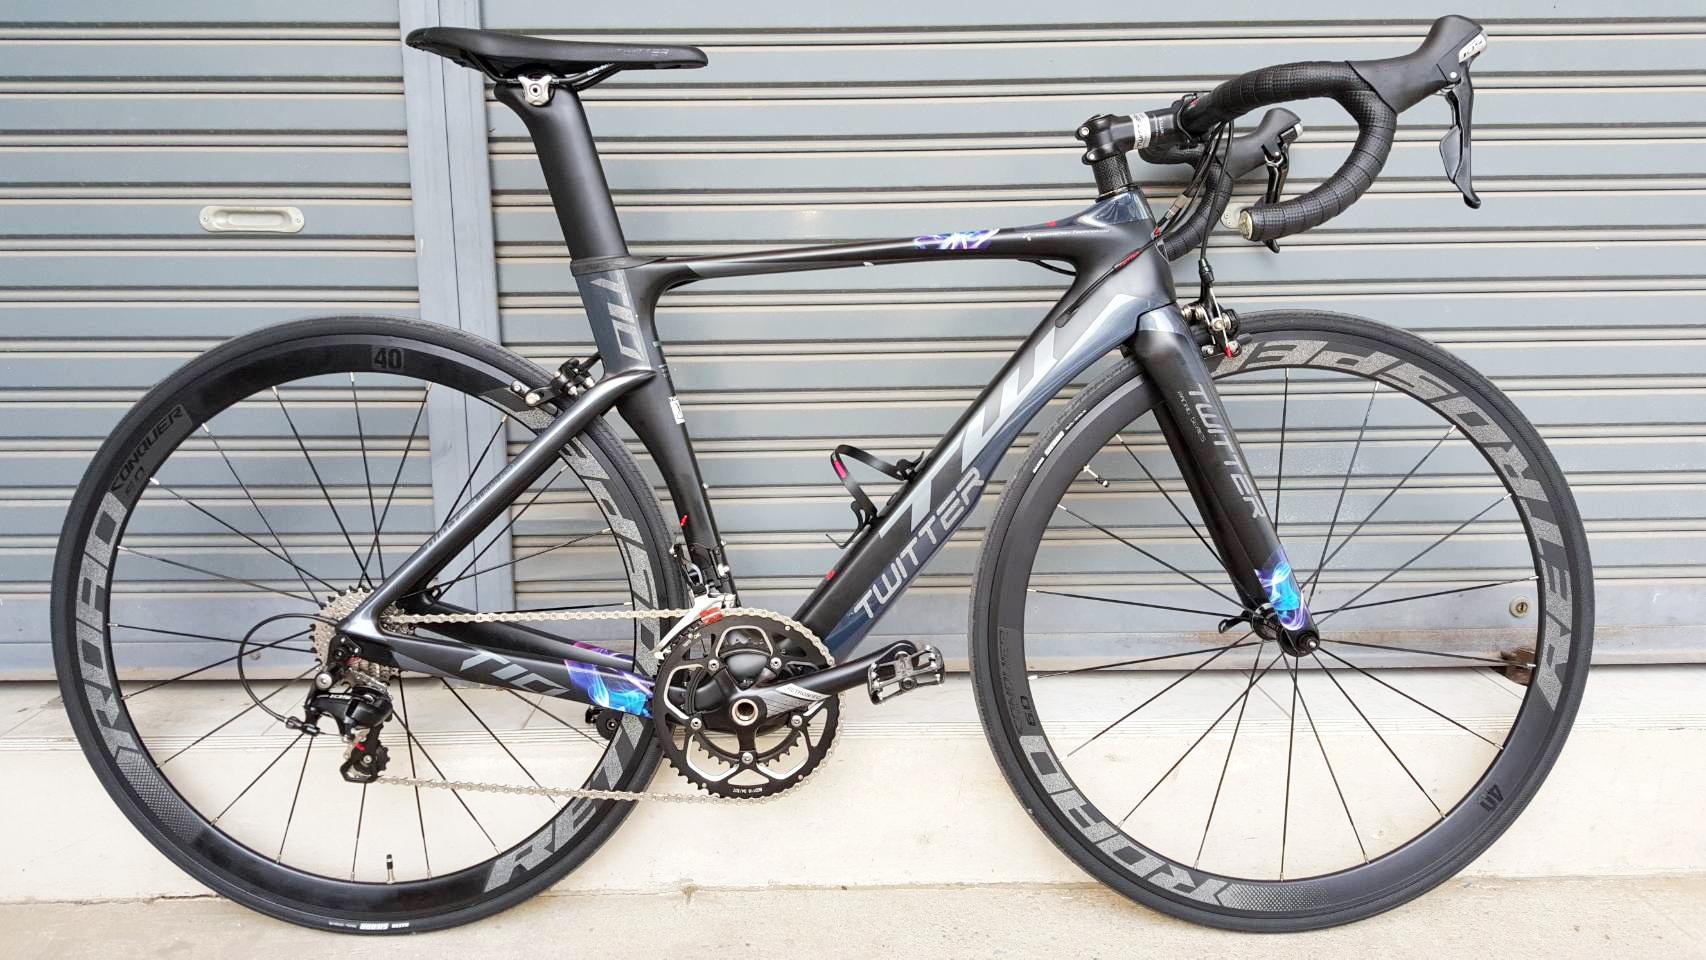 จักรยานเสือหมอบ Twitter T10 เฟรม Carbon สีดำเทาไททาเนียม ชุดเกียร์ Shimano 105 22 Speef ไม่กรุ๊ปเซ็ต ดุมล้อแบริ่ง กระโหลกกลวง Pressfit